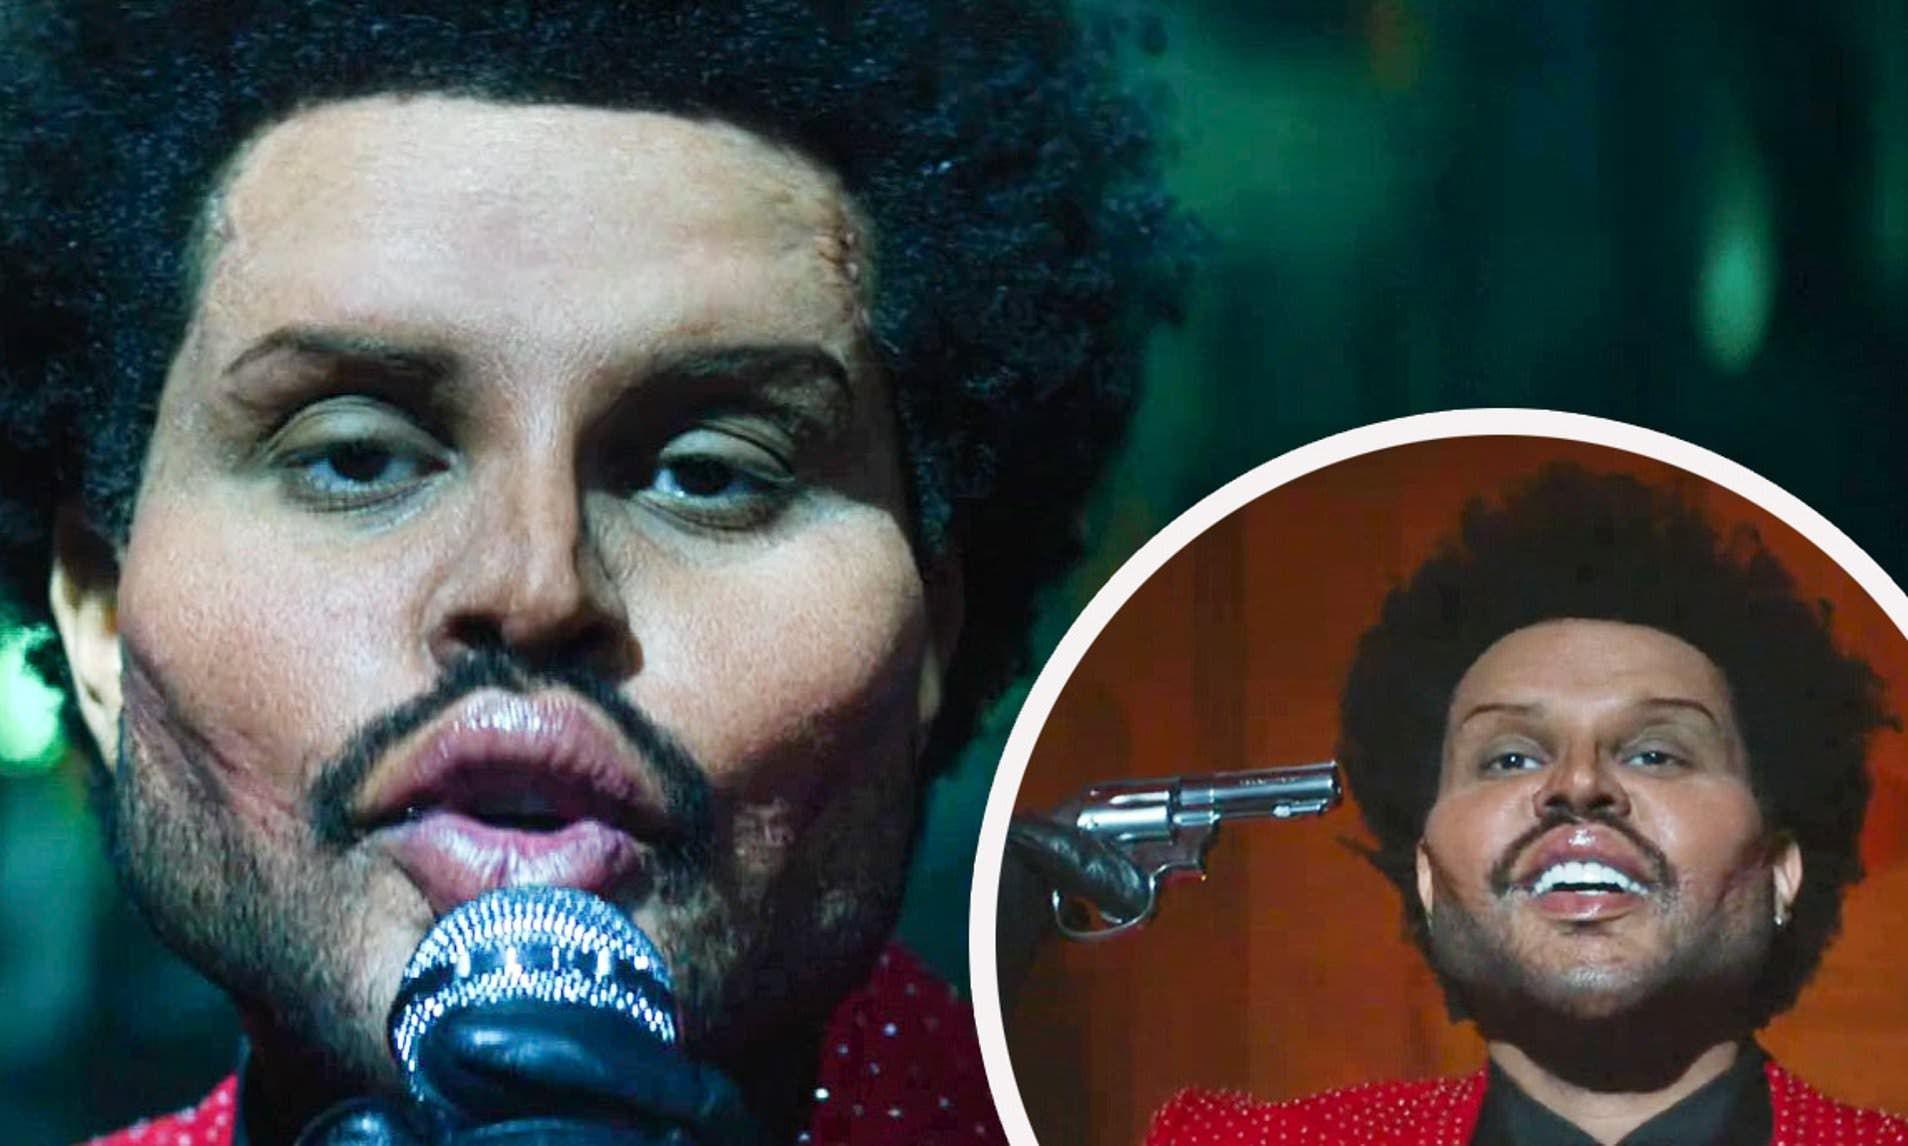 ذا ويكند بوجه مشوه صادم خدعة سينمائية أم عملية تجميلية دائمة In 2021 The Weeknd Fade To Black New Artists